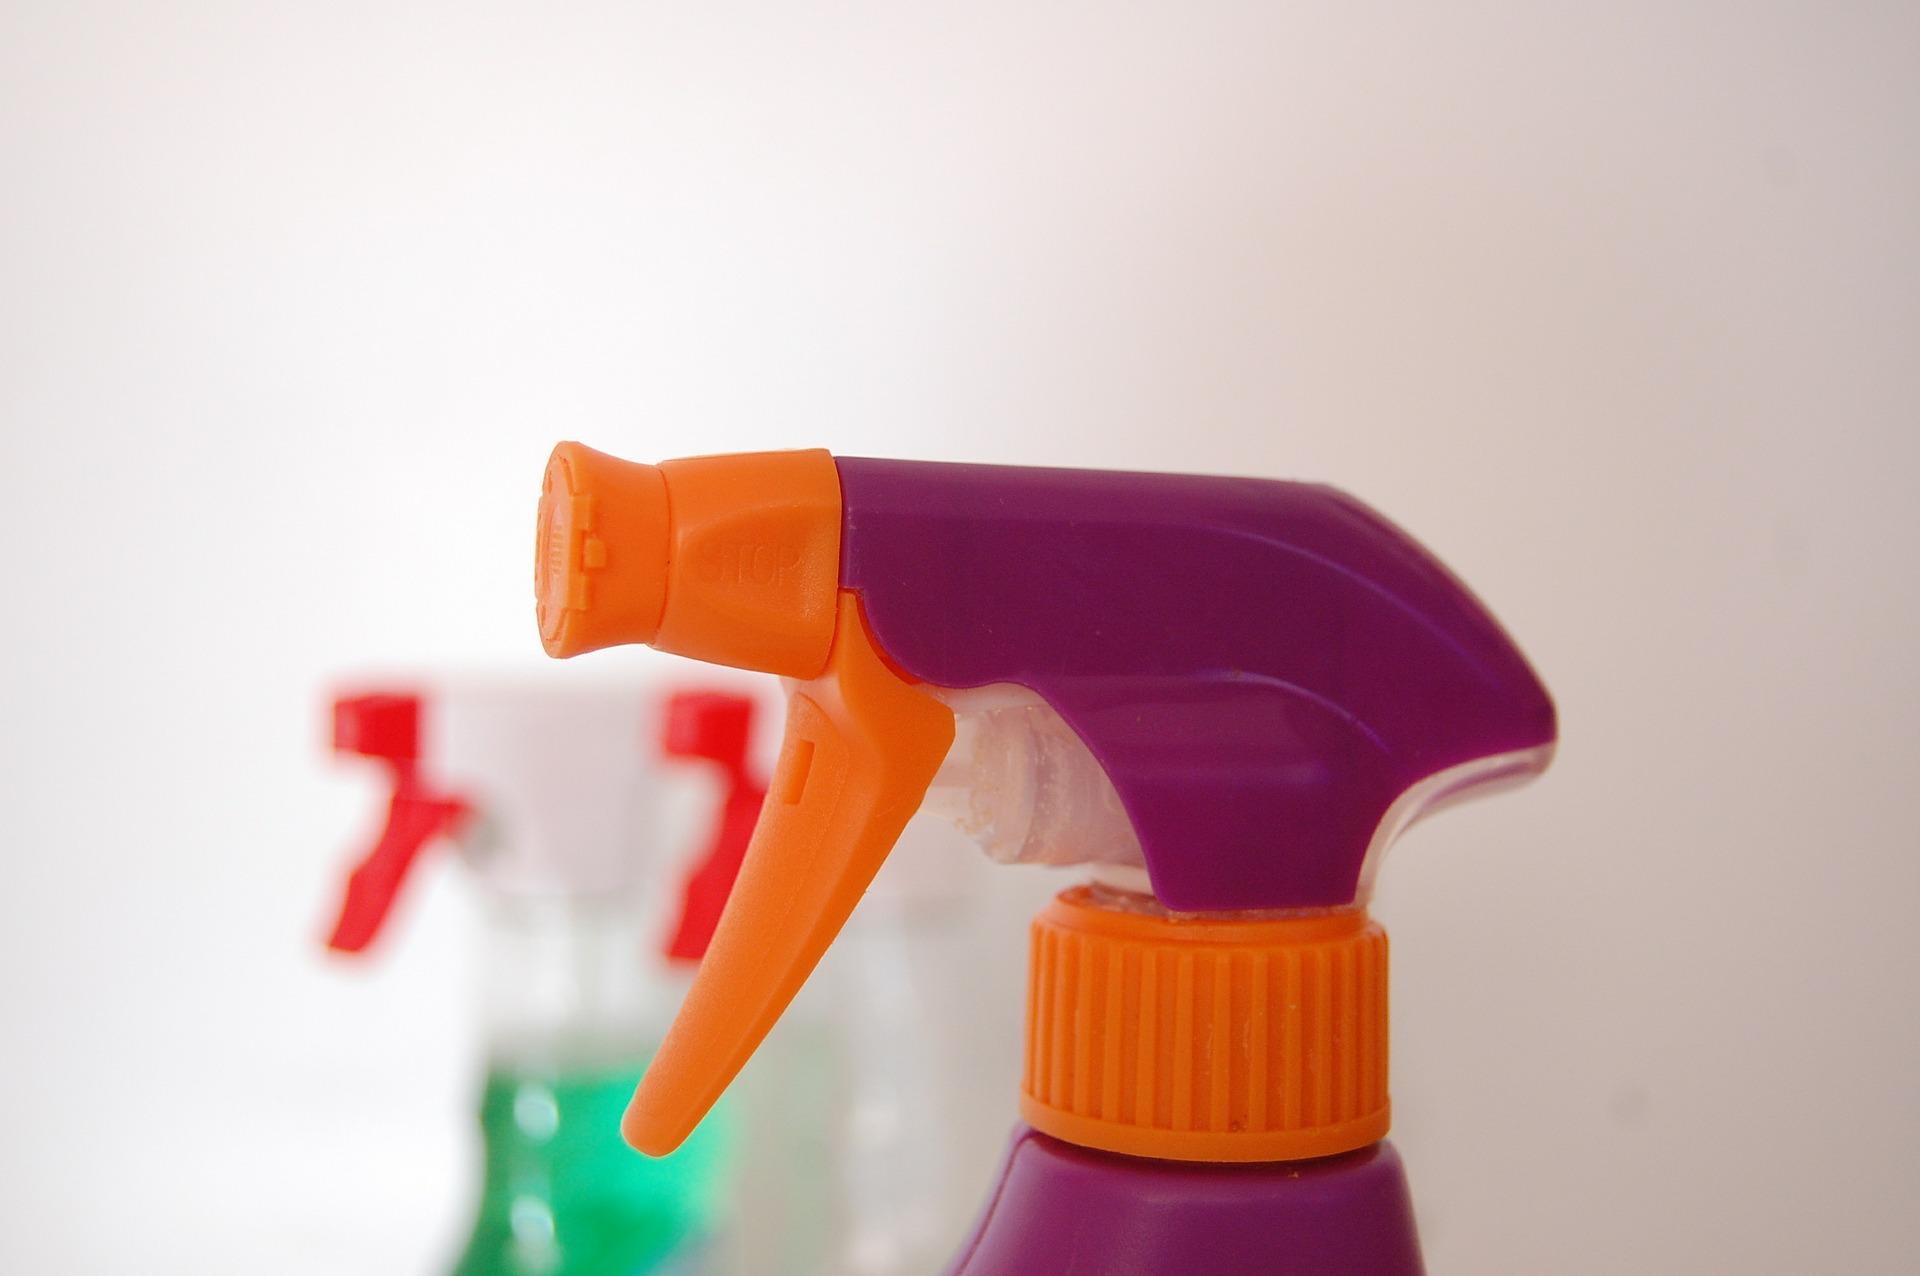 Imagem de frascos de desinfetante com bicos borrifadores coloridos